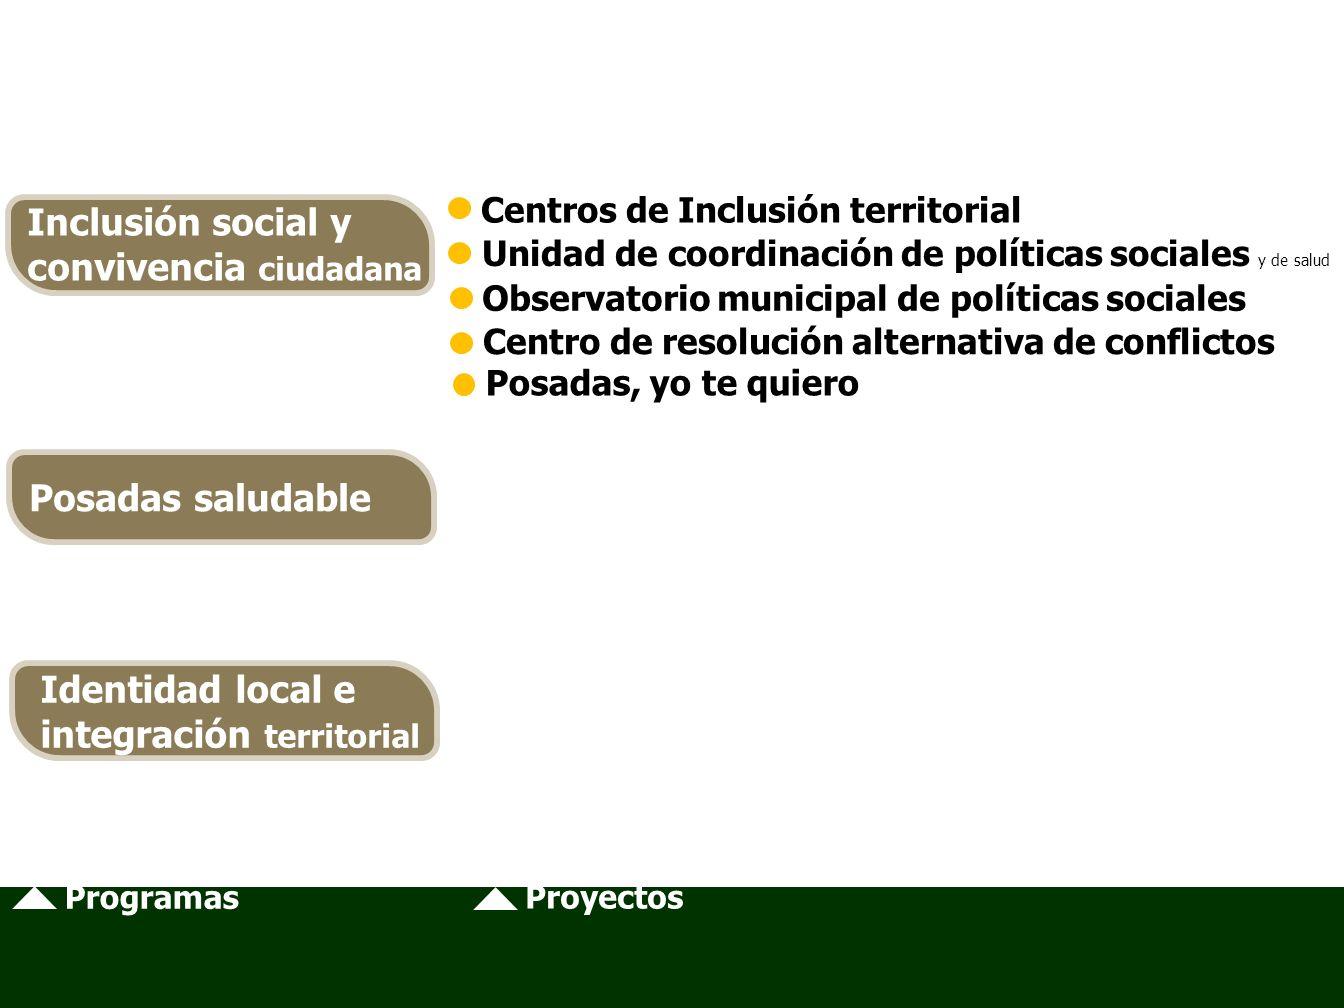 Programas Proyectos Centros de Inclusión territorial Unidad de coordinación de políticas sociales y de salud Observatorio municipal de políticas sociales Centro de resolución alternativa de conflictos Posadas, yo te quiero Inclusión social y convivencia ciudadana Posadas saludable Identidad local e integración territorial